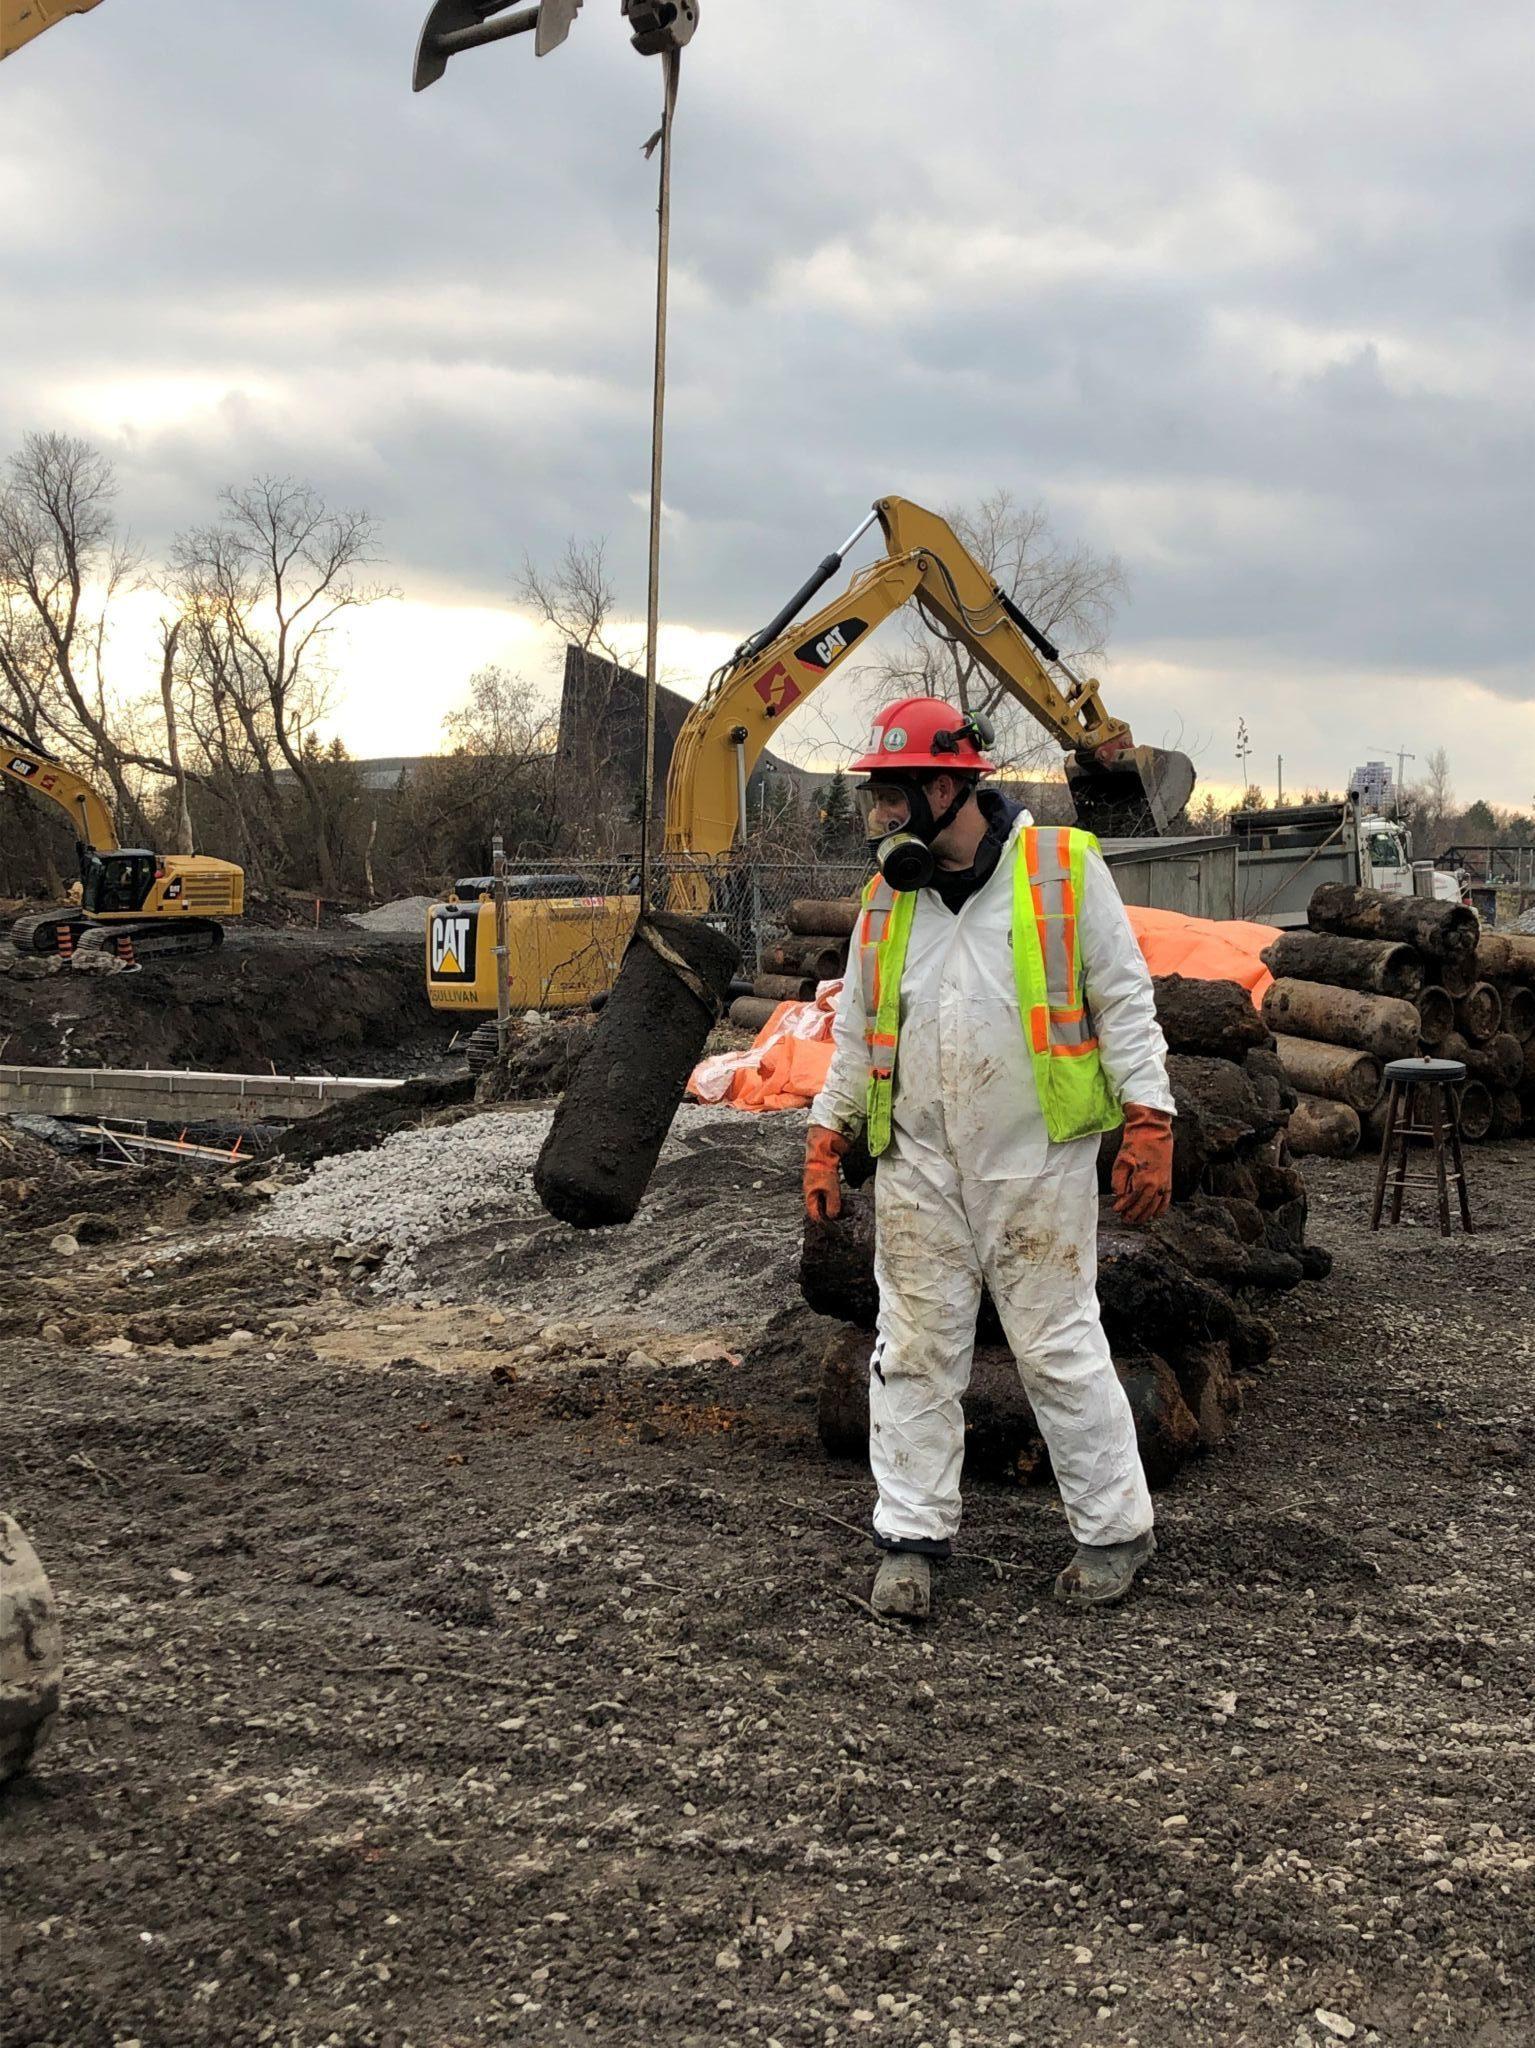 Travailleur équipé d'une combinaison en fibre de carbone et d'un masque respiratoire intégral devant une pile de bouteilles d'acétylène. En arrière-plan, des excavateurs mécaniques.